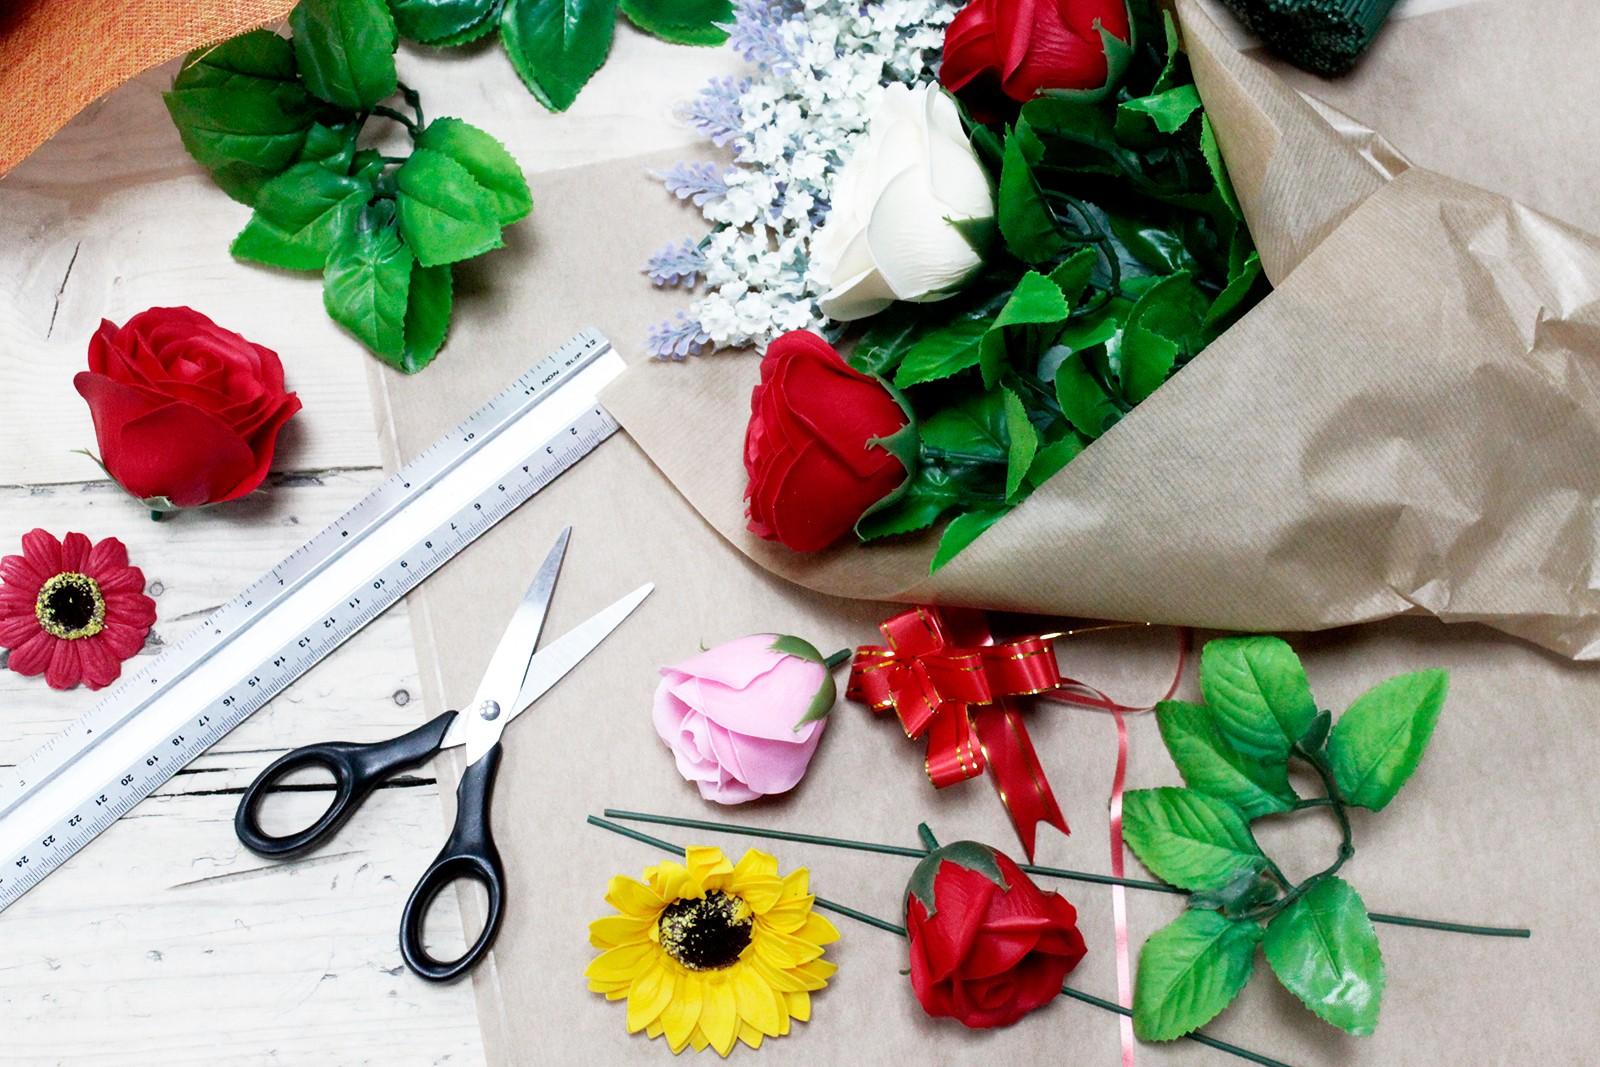 Creer_votre_bouquet_de_Savon_avec_AM-Cosmetiques.jpg